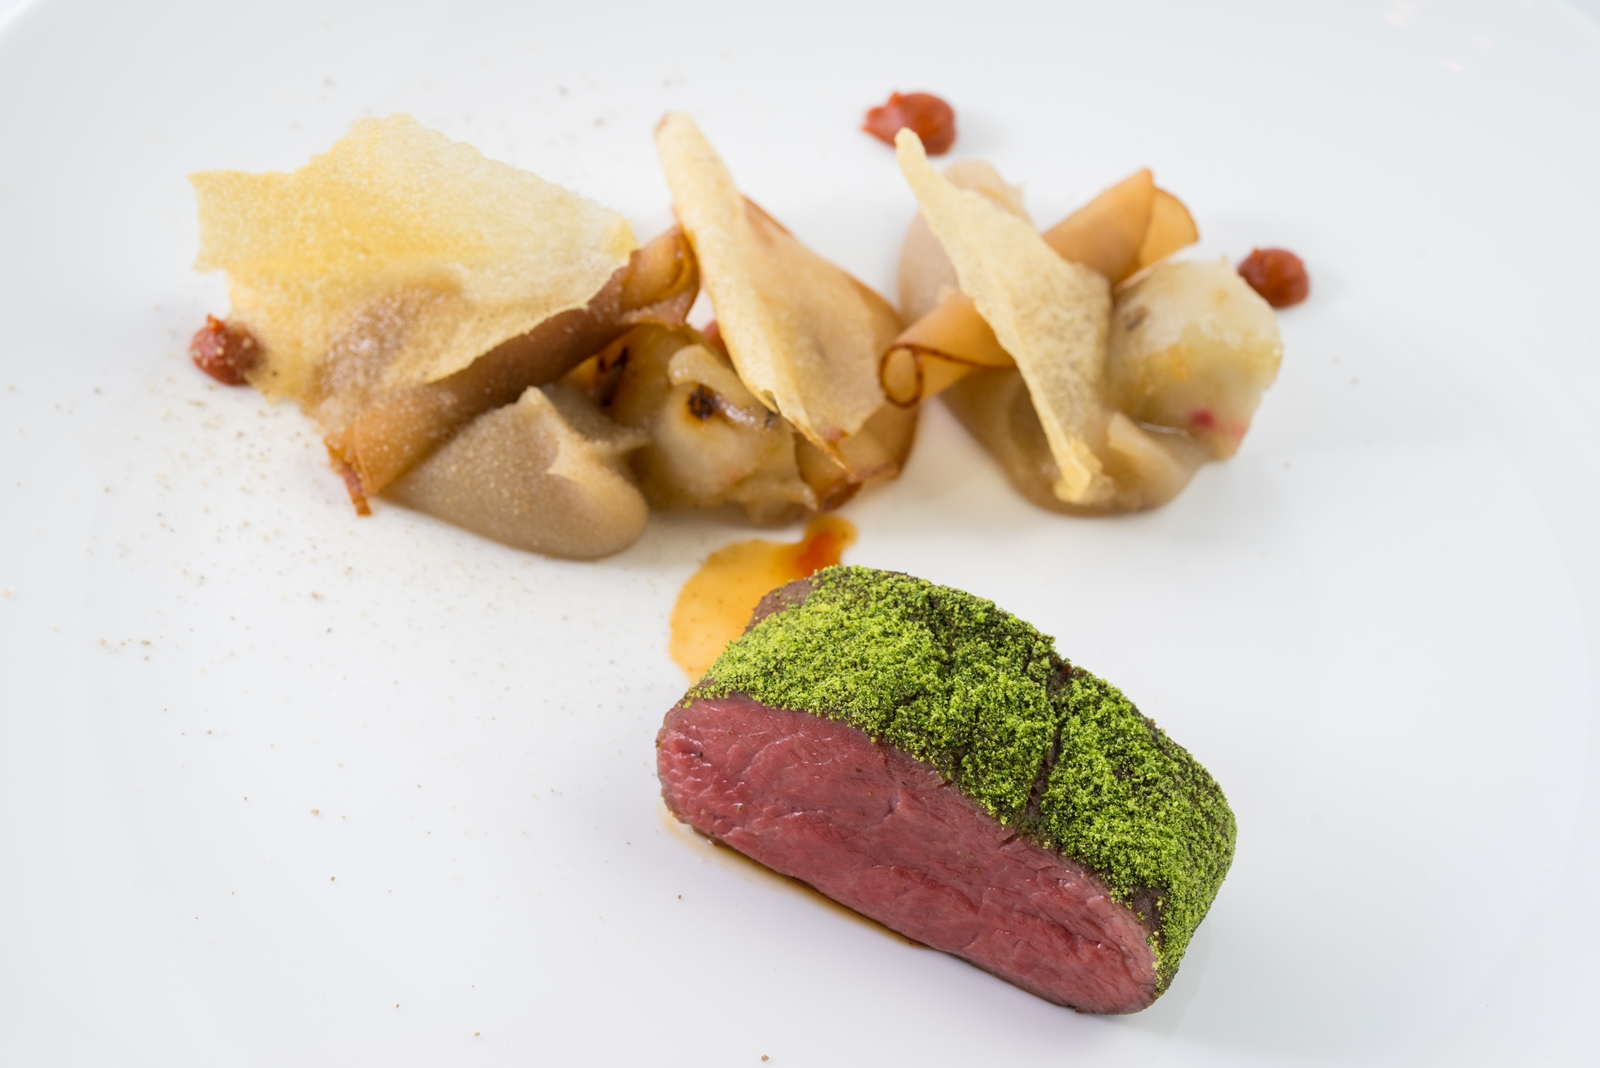 A körte több formában is szerepel, körtepüré, carpaccio, sőt, körteecet is van az ételben